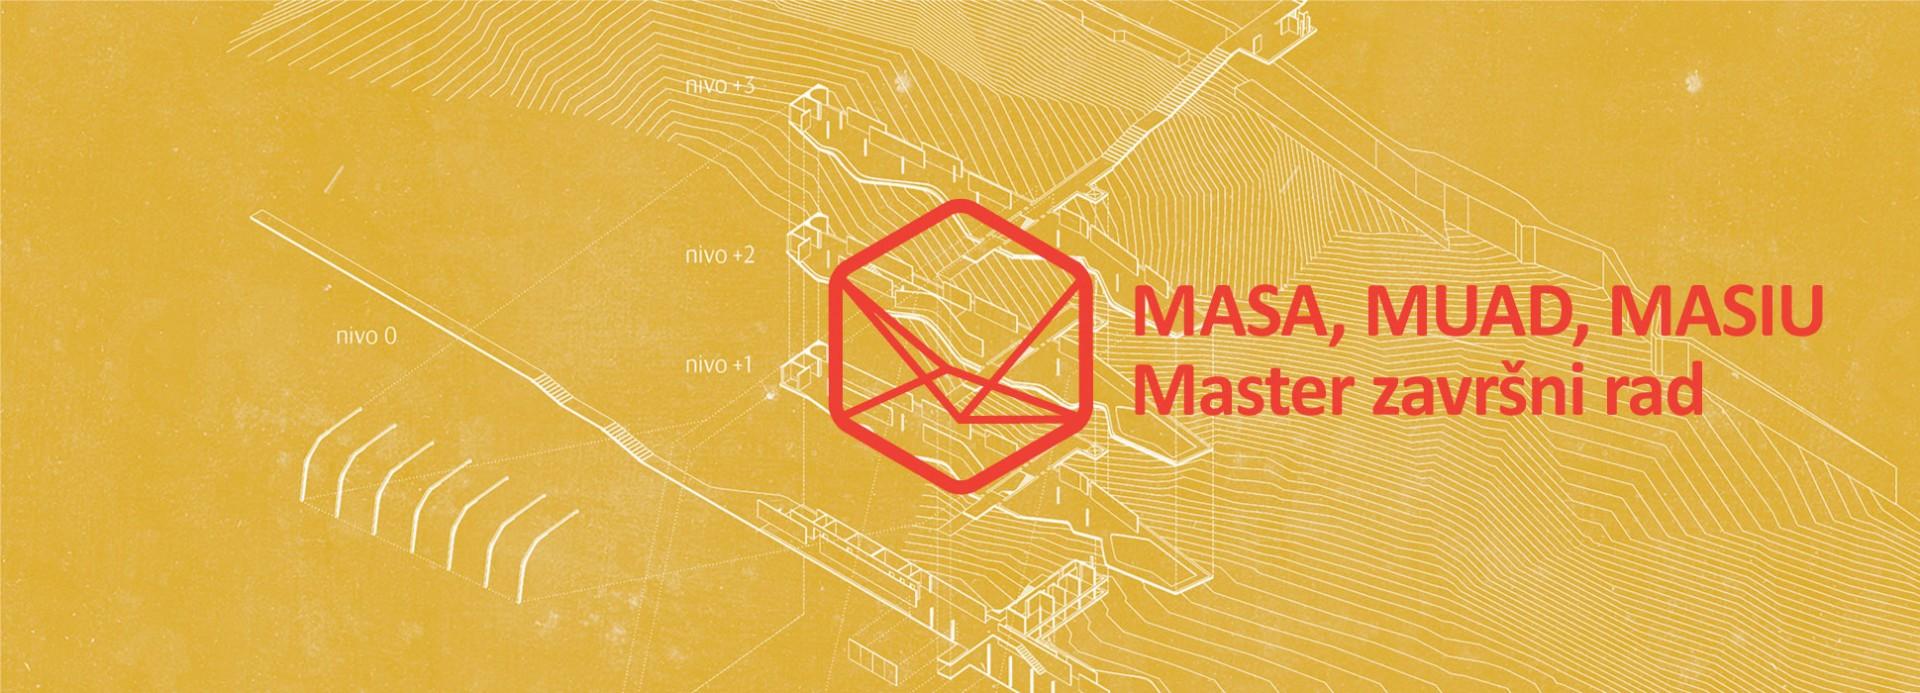 Веб изложба: МАСА, МУАД и МАСИУ – Мастер завршни рад 2016/17